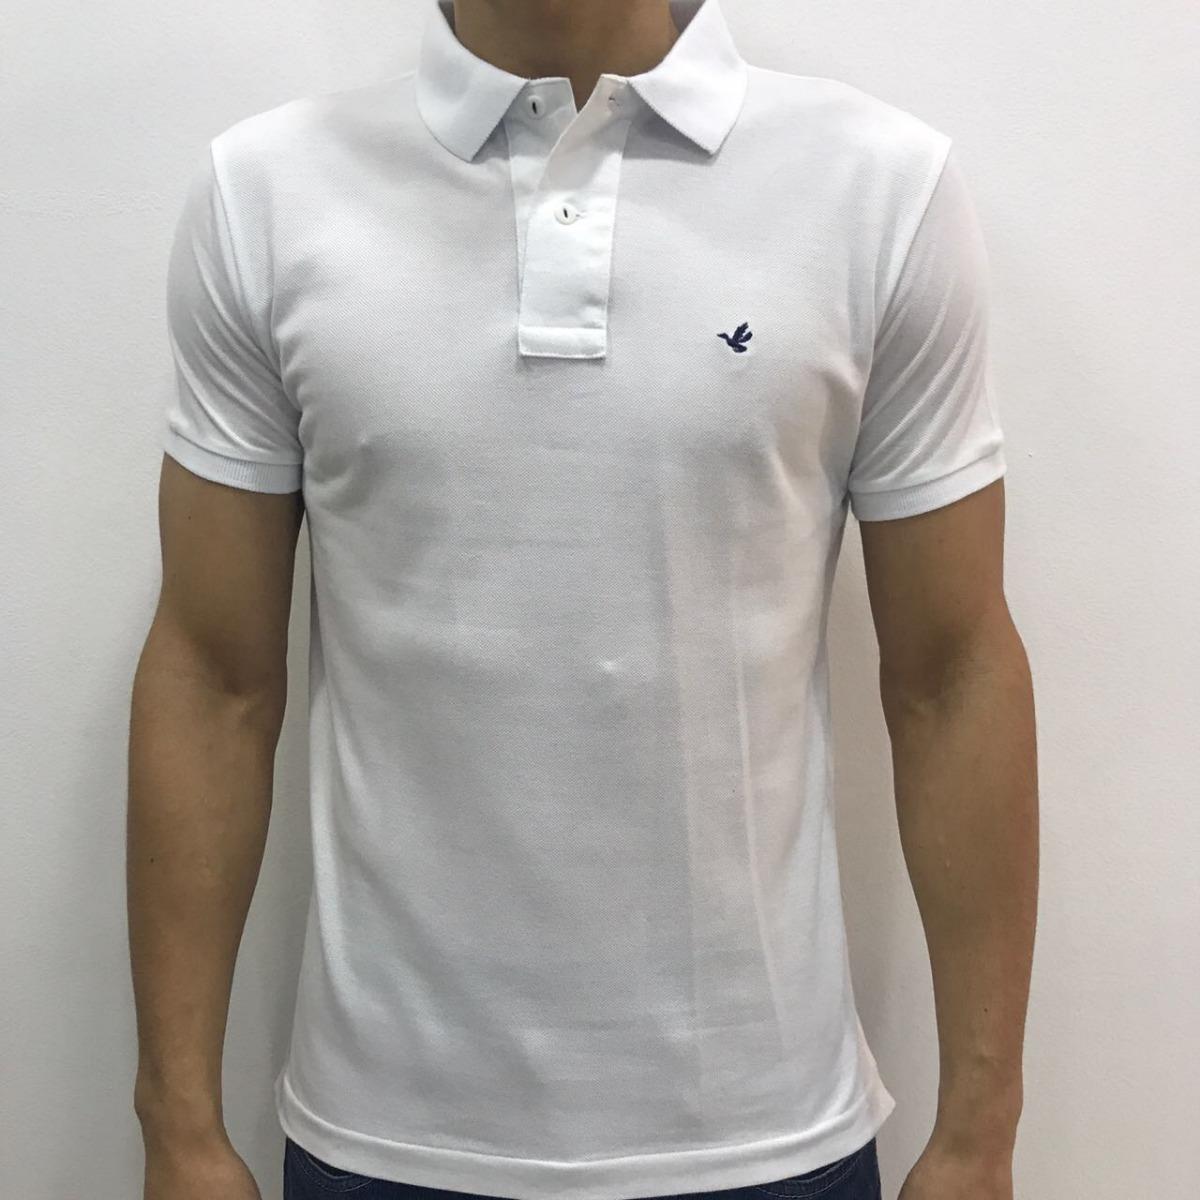 camiseta polo brooksfield original queima total promoção top. Carregando  zoom. 654fa54b6cd21